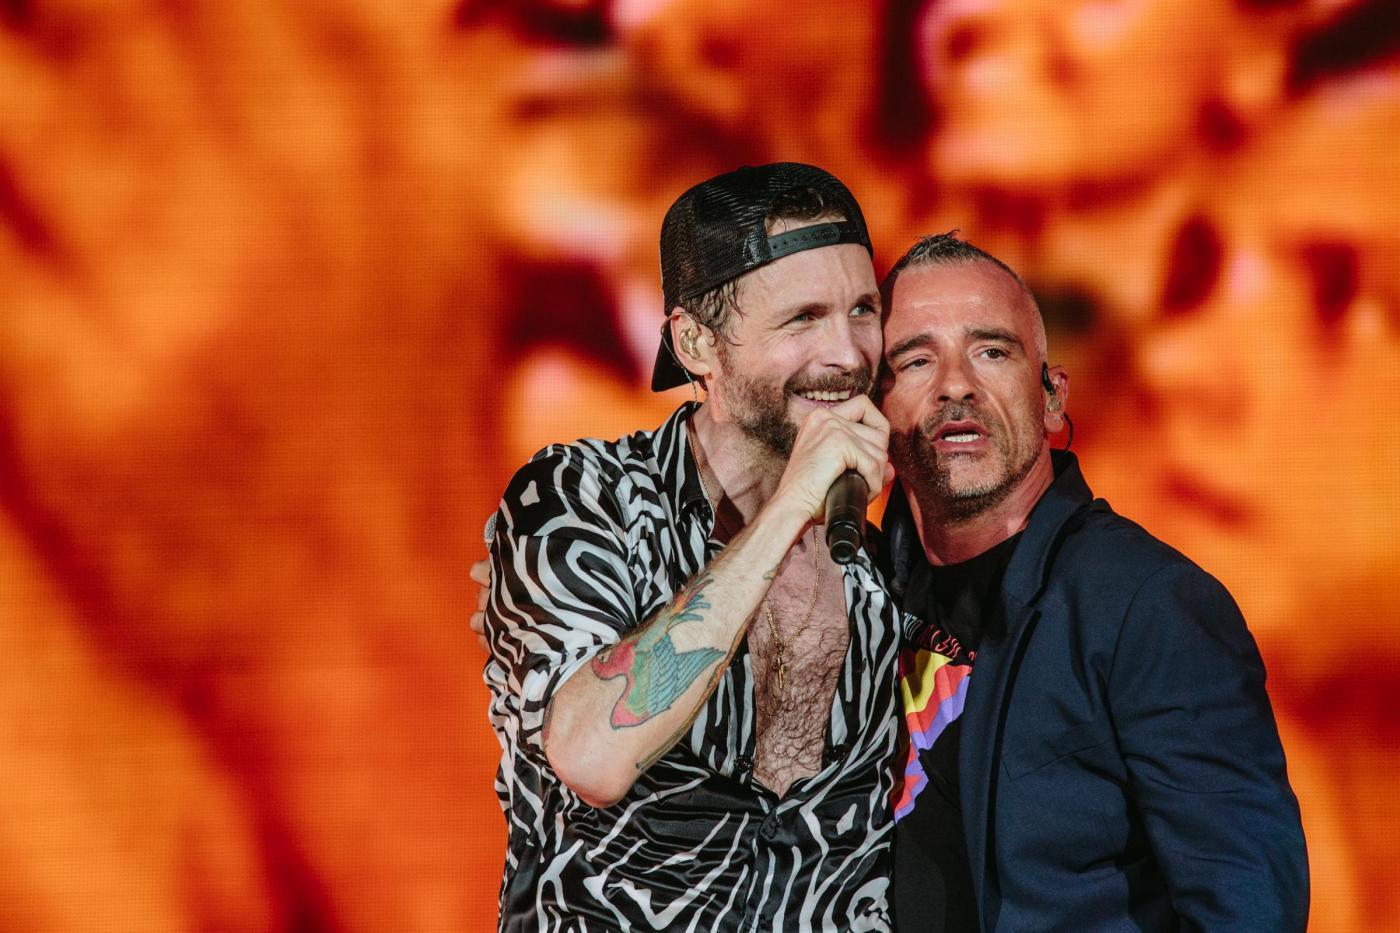 Jovanotti: omaggio a Pino Daniele con Eros Ramazzotti durante il concerto di Napoli